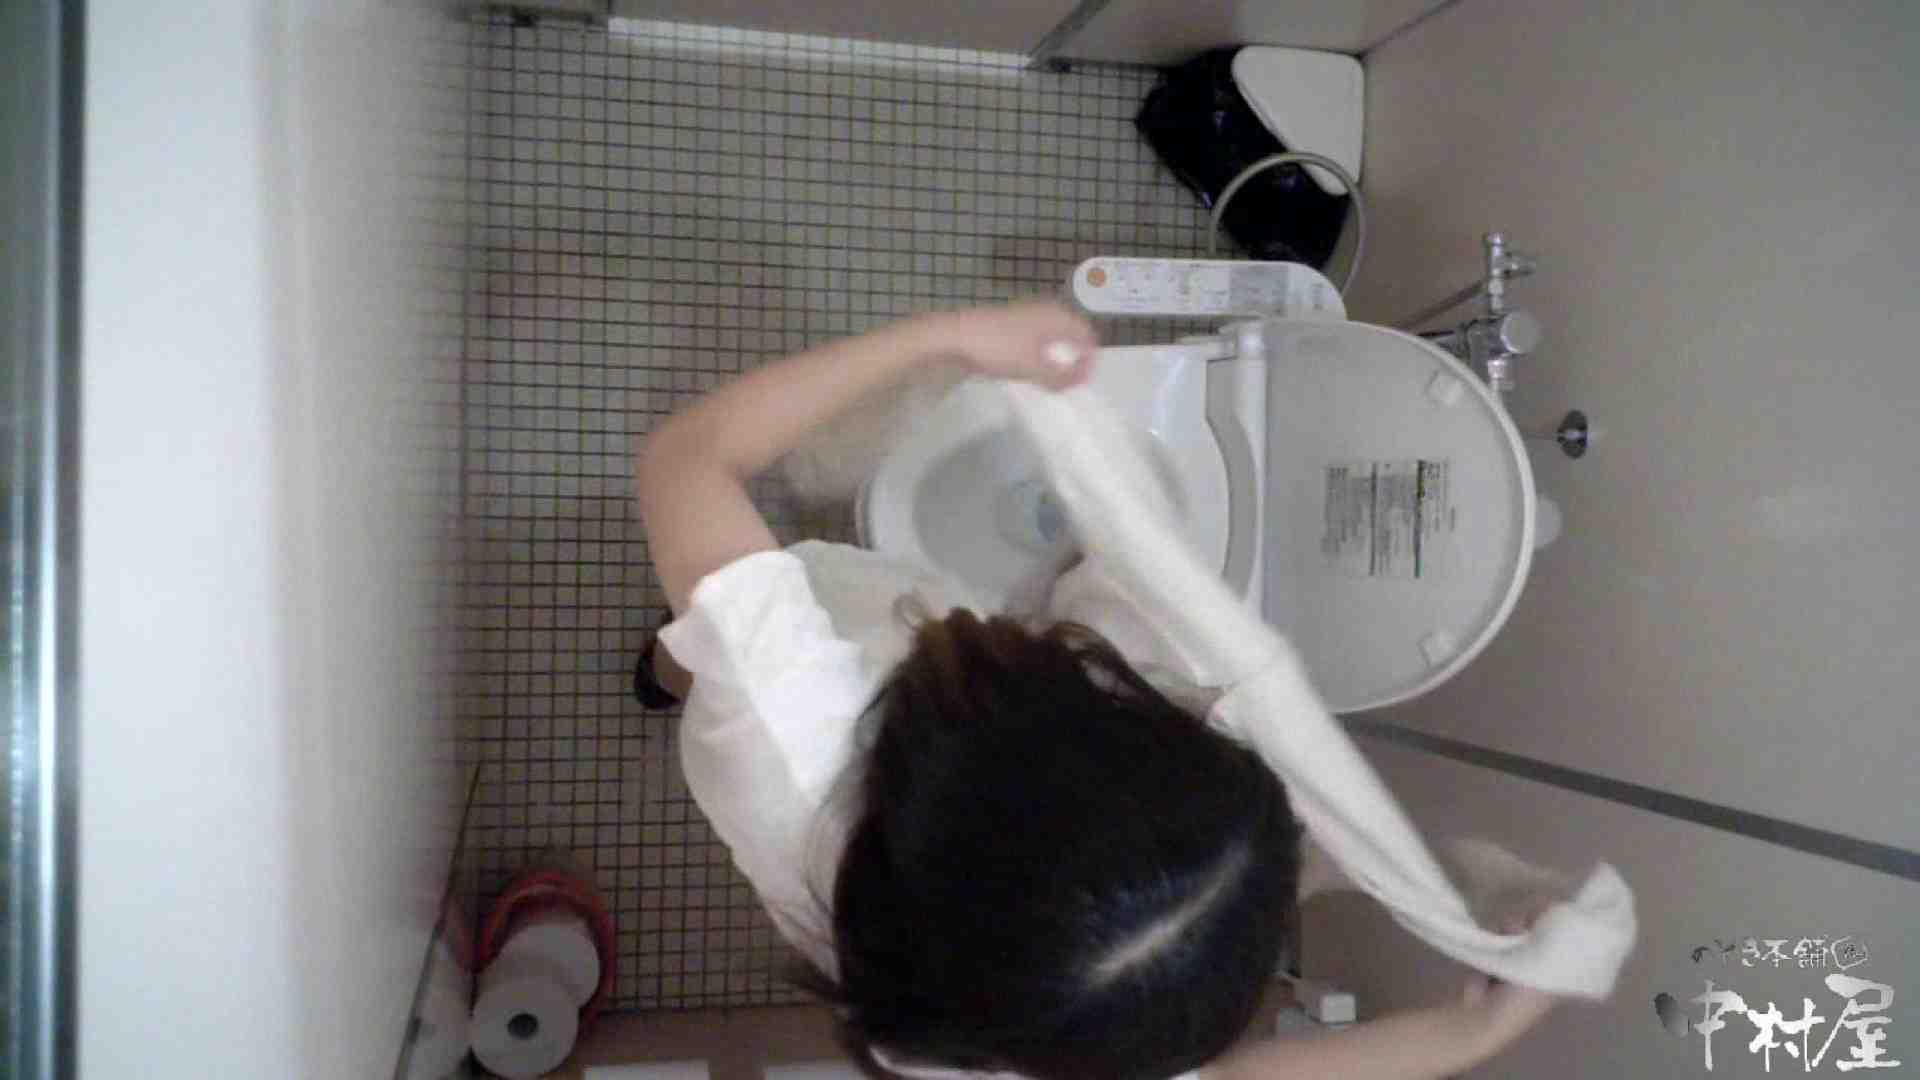 【某有名大学女性洗面所】有名大学女性洗面所 vol.43 いつみても神秘的な世界です。 和式 盗撮エロ画像 72画像 34